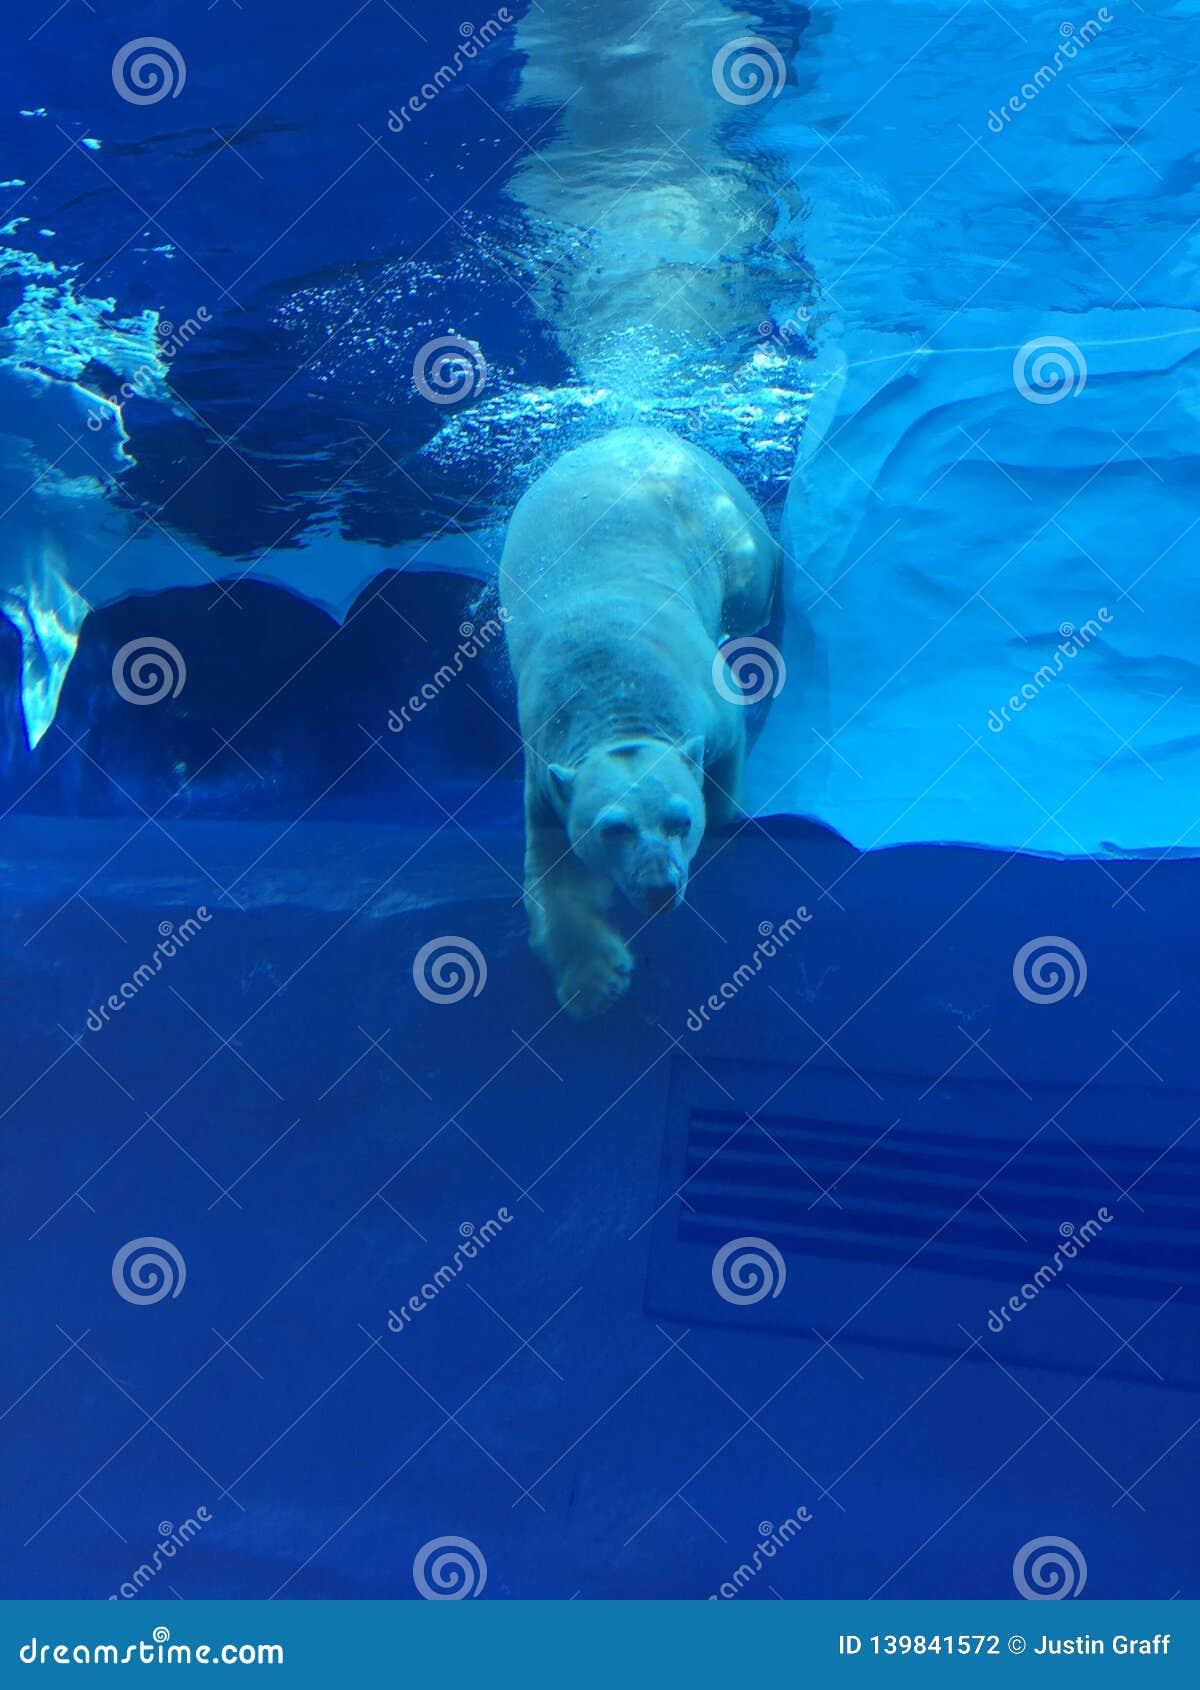 Ijsbeer die in een groot pool zoals de oceaan met ijsbergen zwemmen